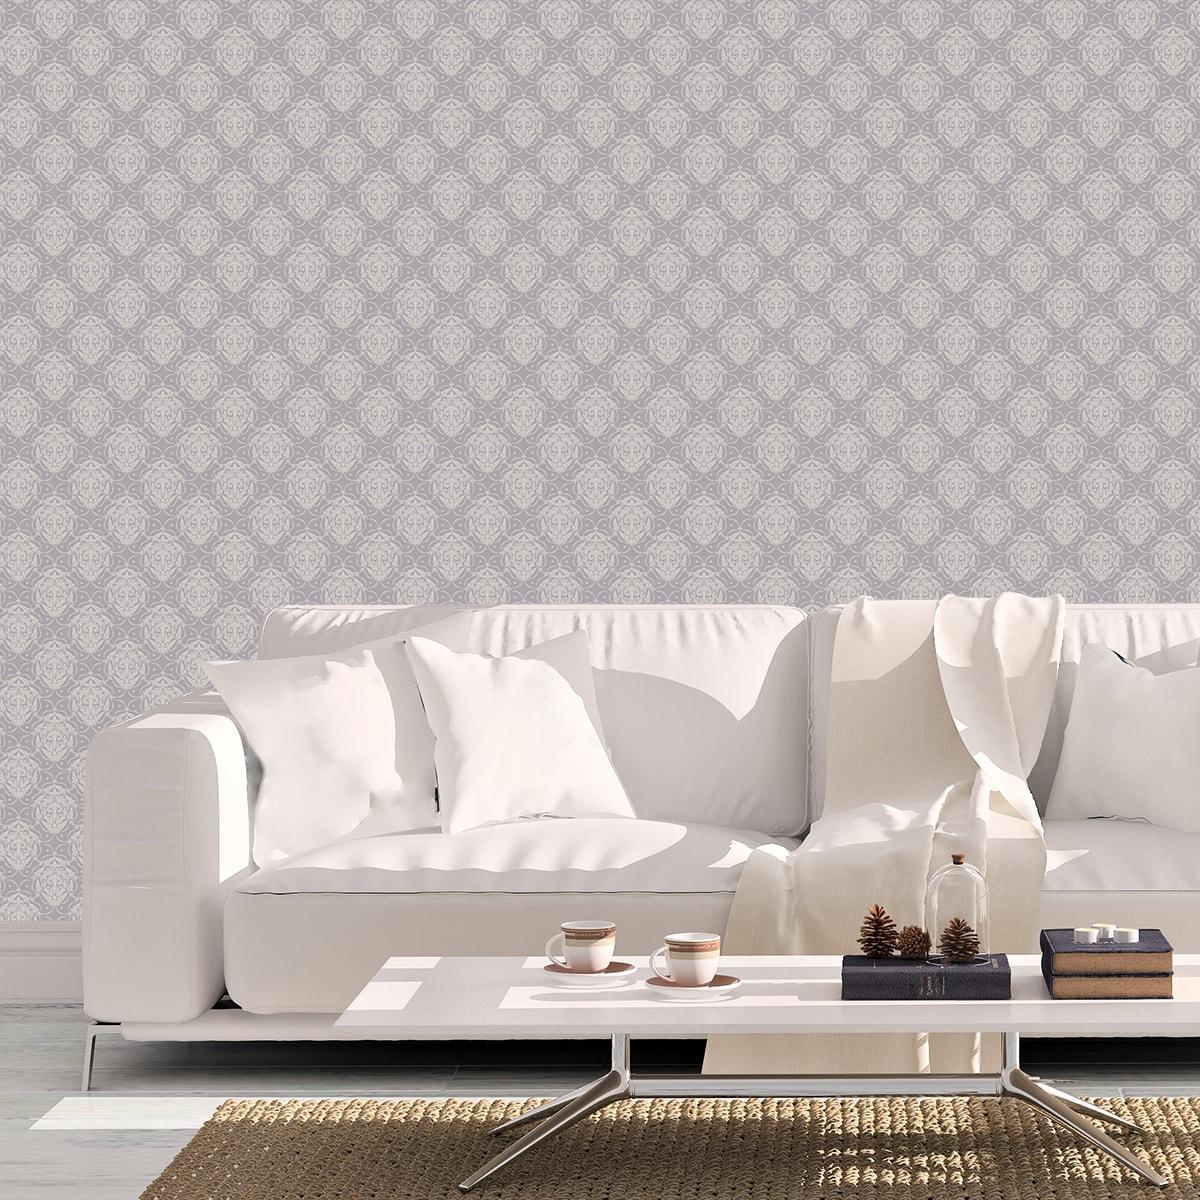 Schlafzimmer tapezieren in grau: Edle Ornamenttapete My Castle Damast Muster in flieder grau - Design Tapete für Schlafzimmer